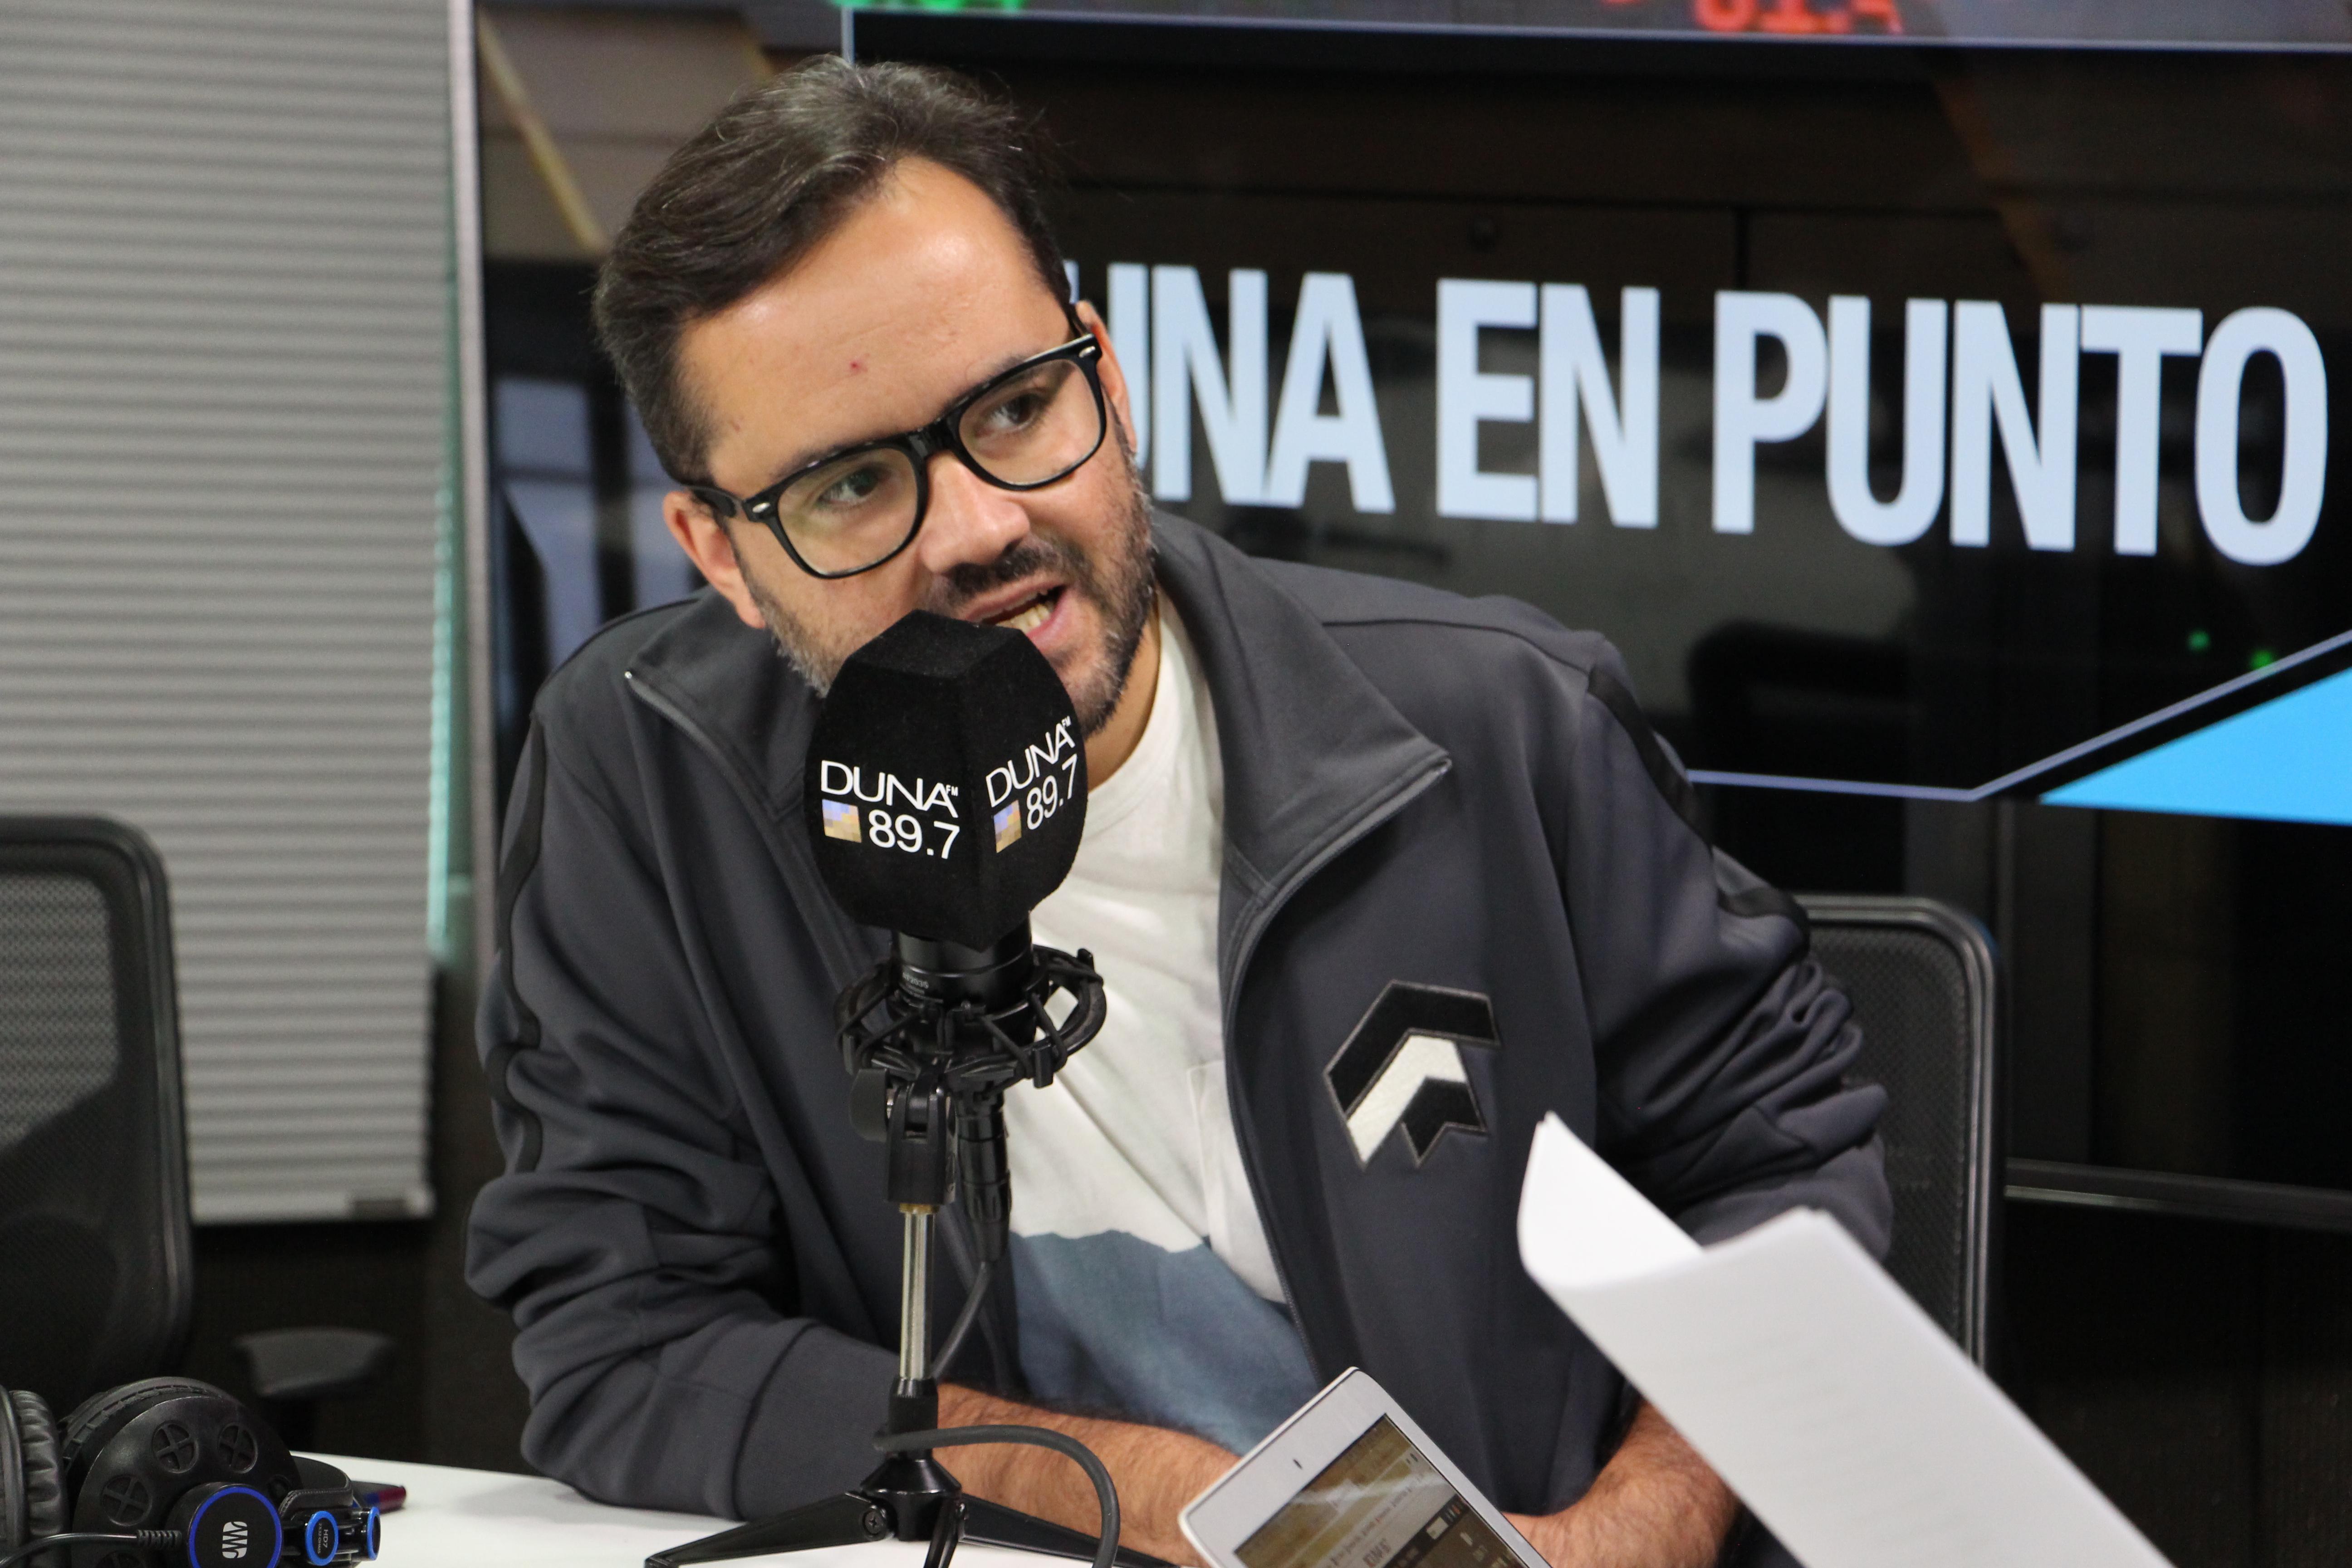 Presidente ejecutivo de Fundación iguales, Juan Enrique Pi